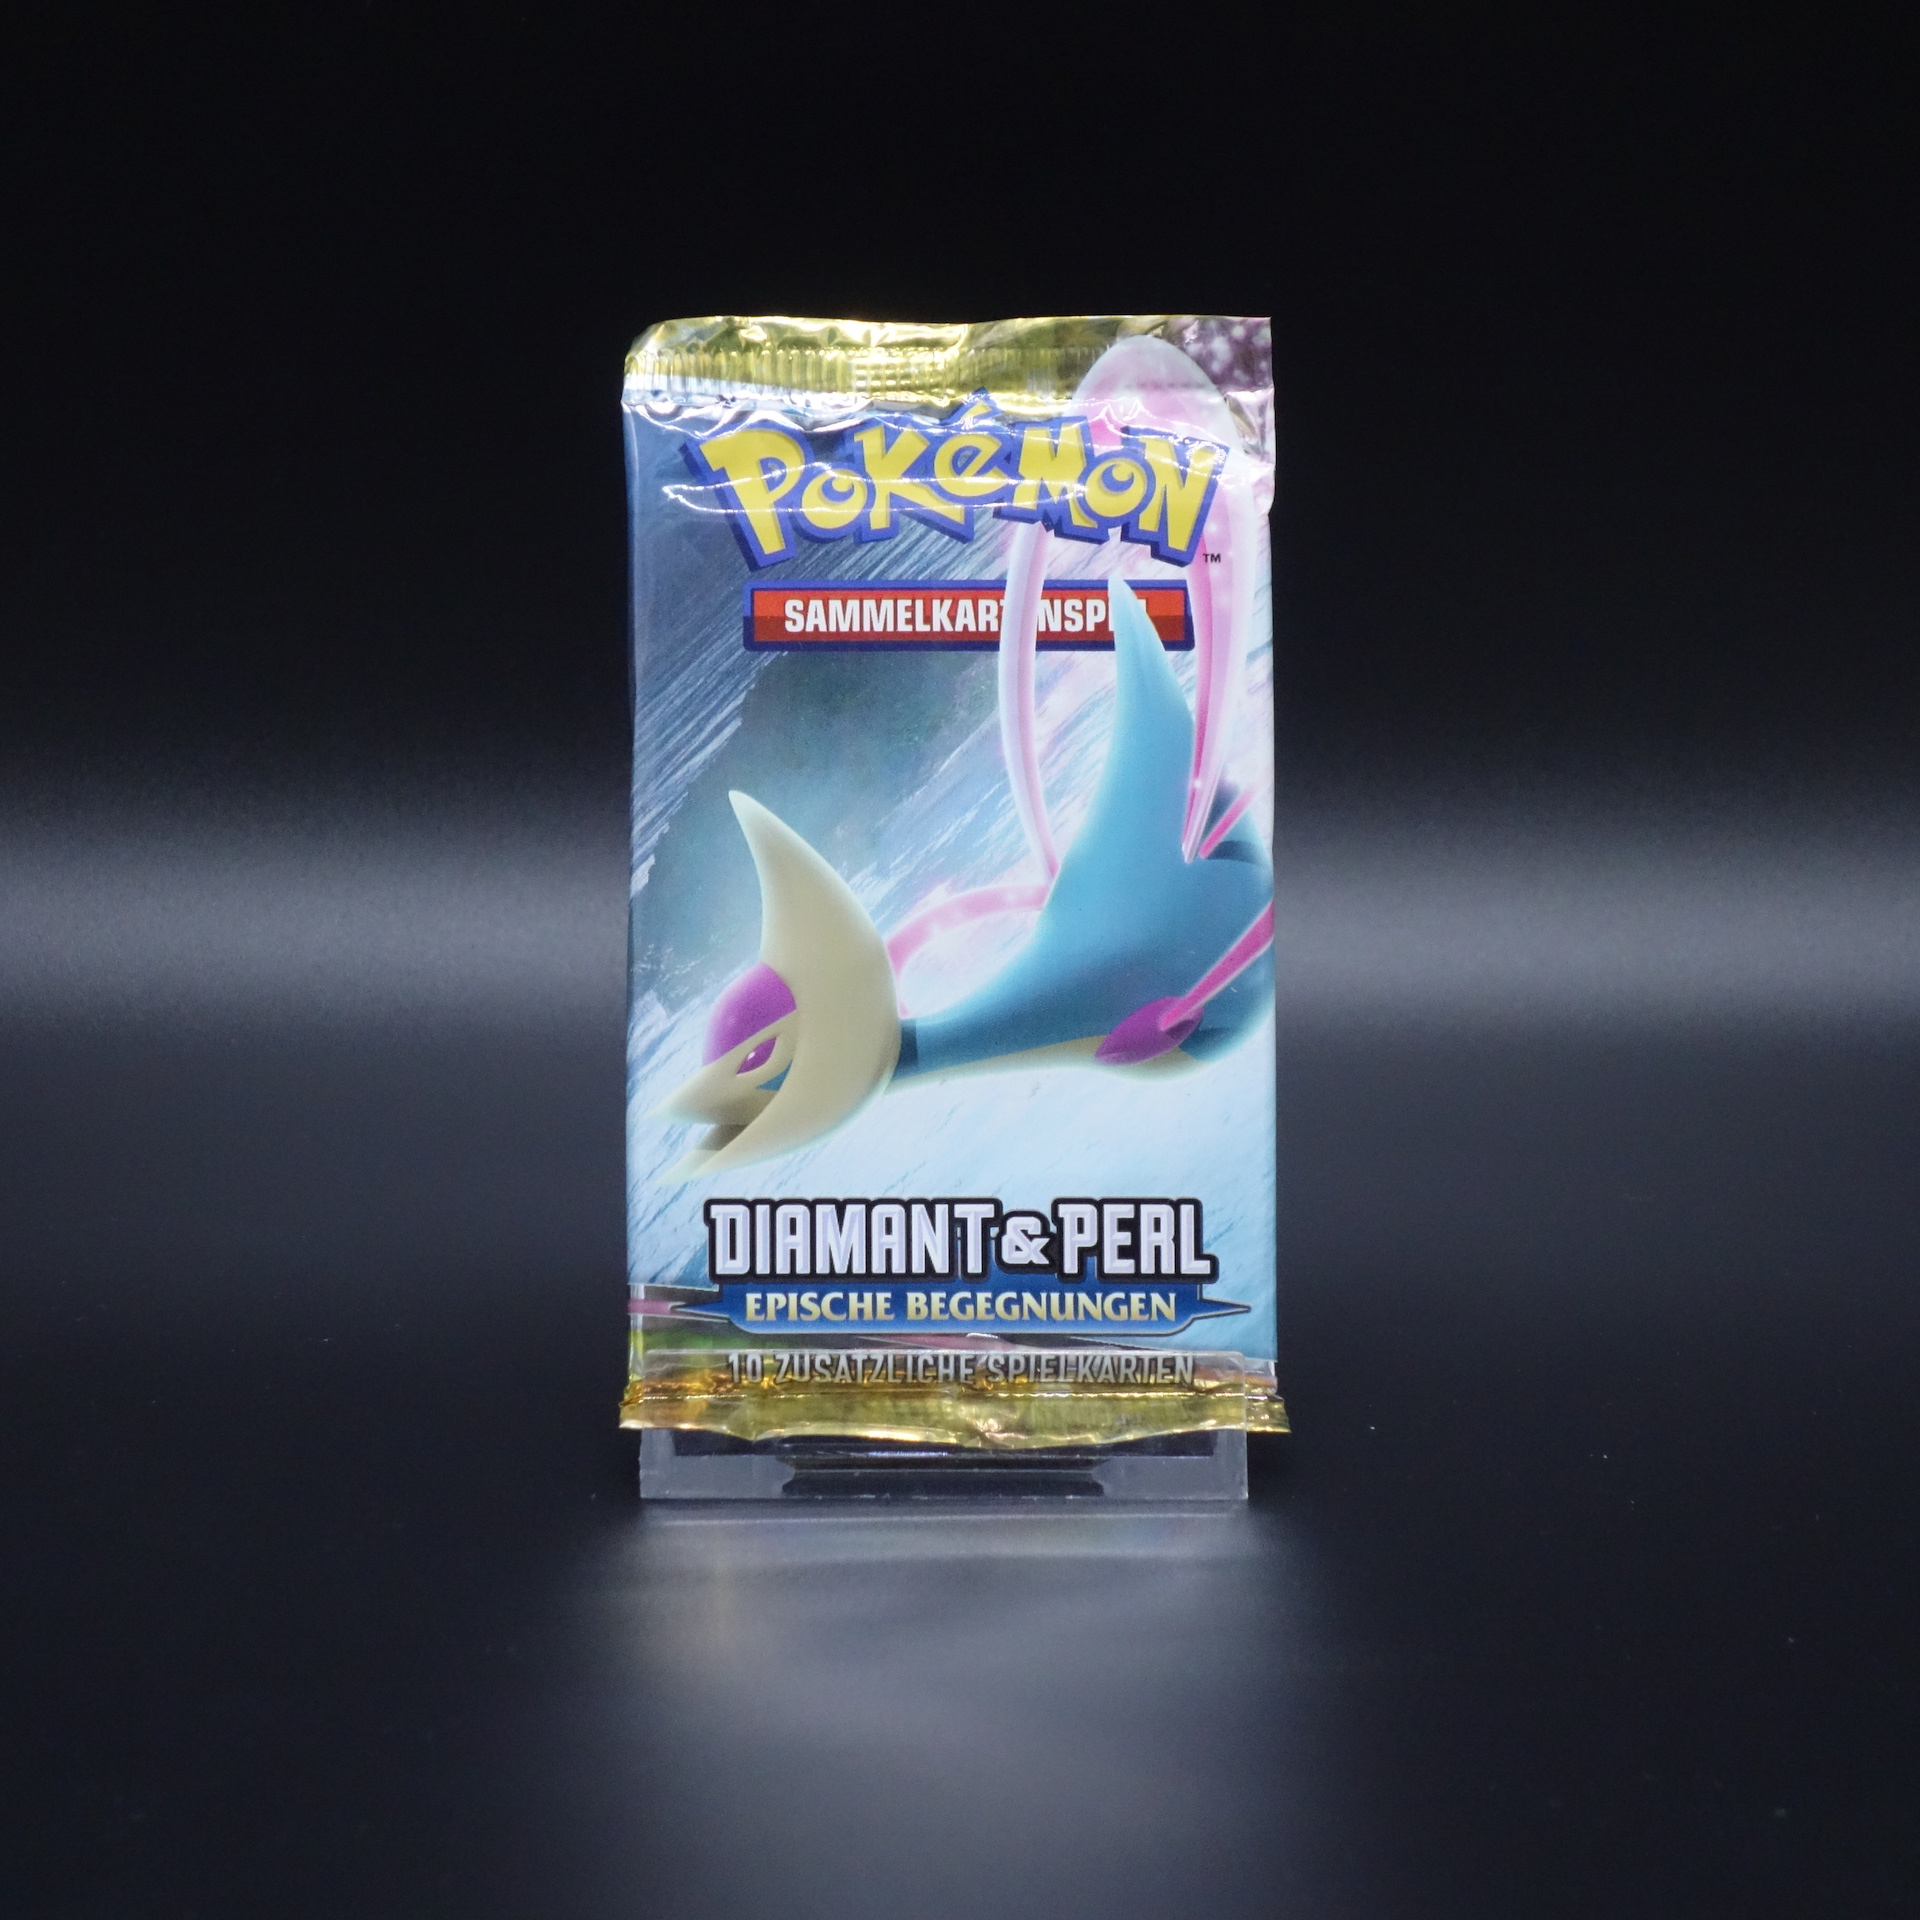 Pokemon Diamant & Perl Epische Begegnungen